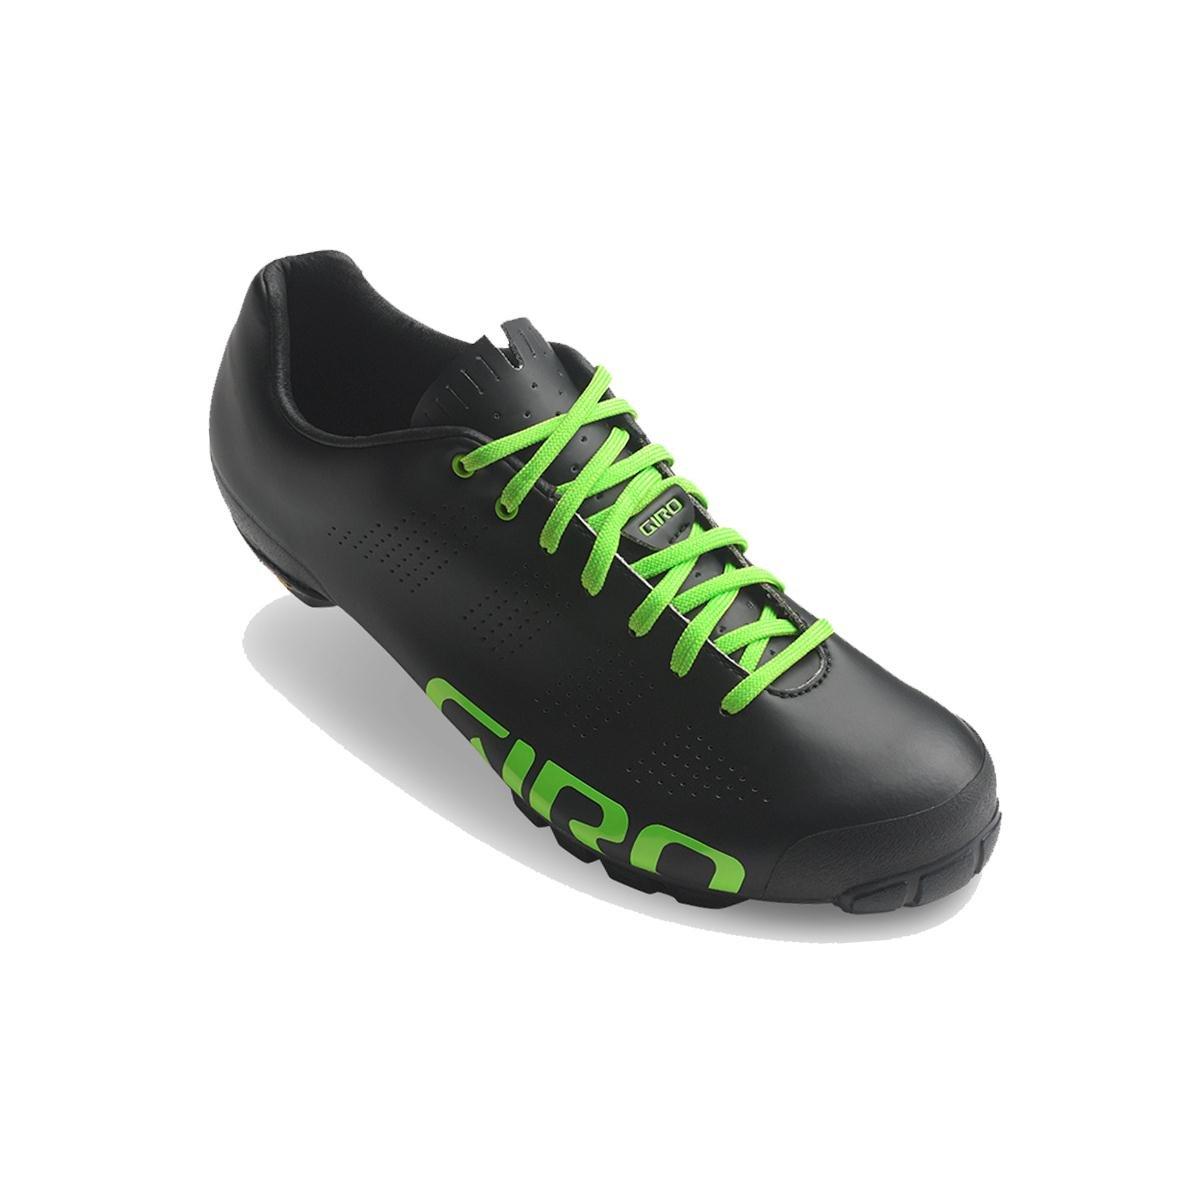 ジロ(ジロ) EMPIRE VR90 MTB RACING SHOES 70683 サイクルシューズ (Men's) B01LZ277ER 45.5|ブラック/ライム ブラック/ライム 45.5